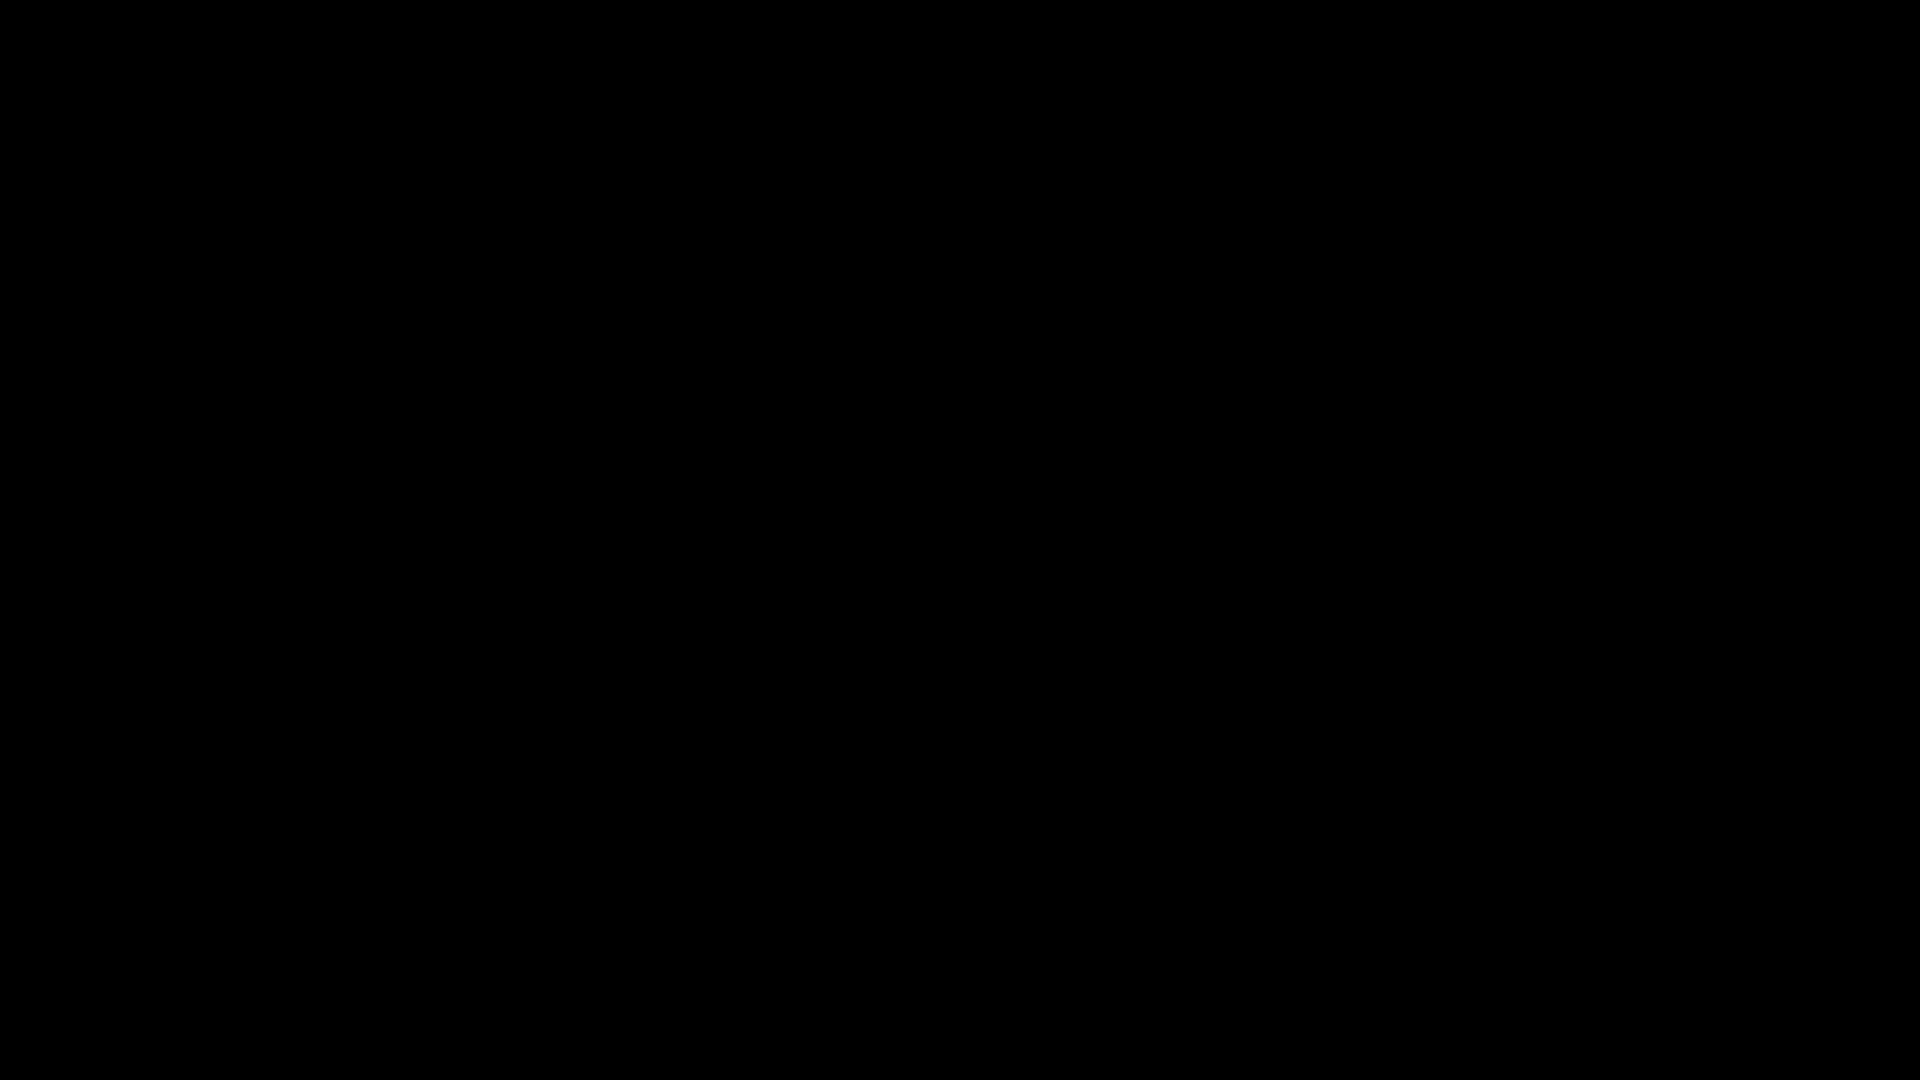 1920x1080-opacity5D948CAF-0228-1F1E-6236-4AEAE0926CDA.png